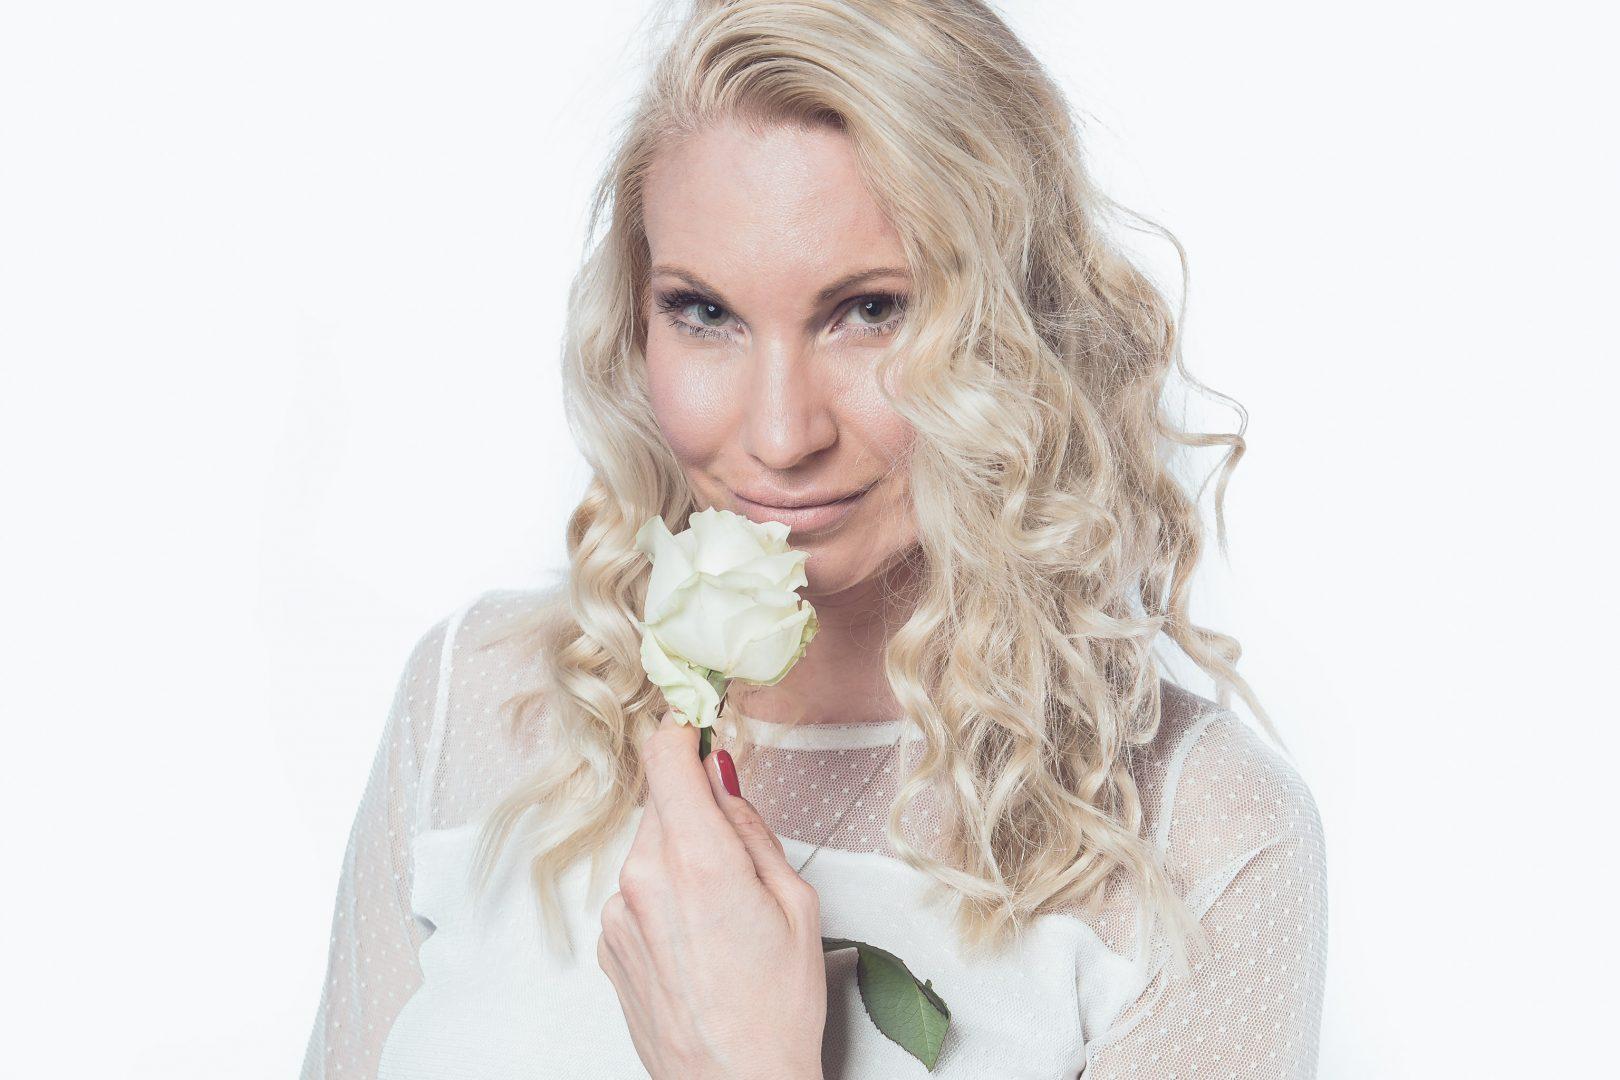 Bloggaren Malin Tiljas välgörenhetsprojekt med Rosenserien